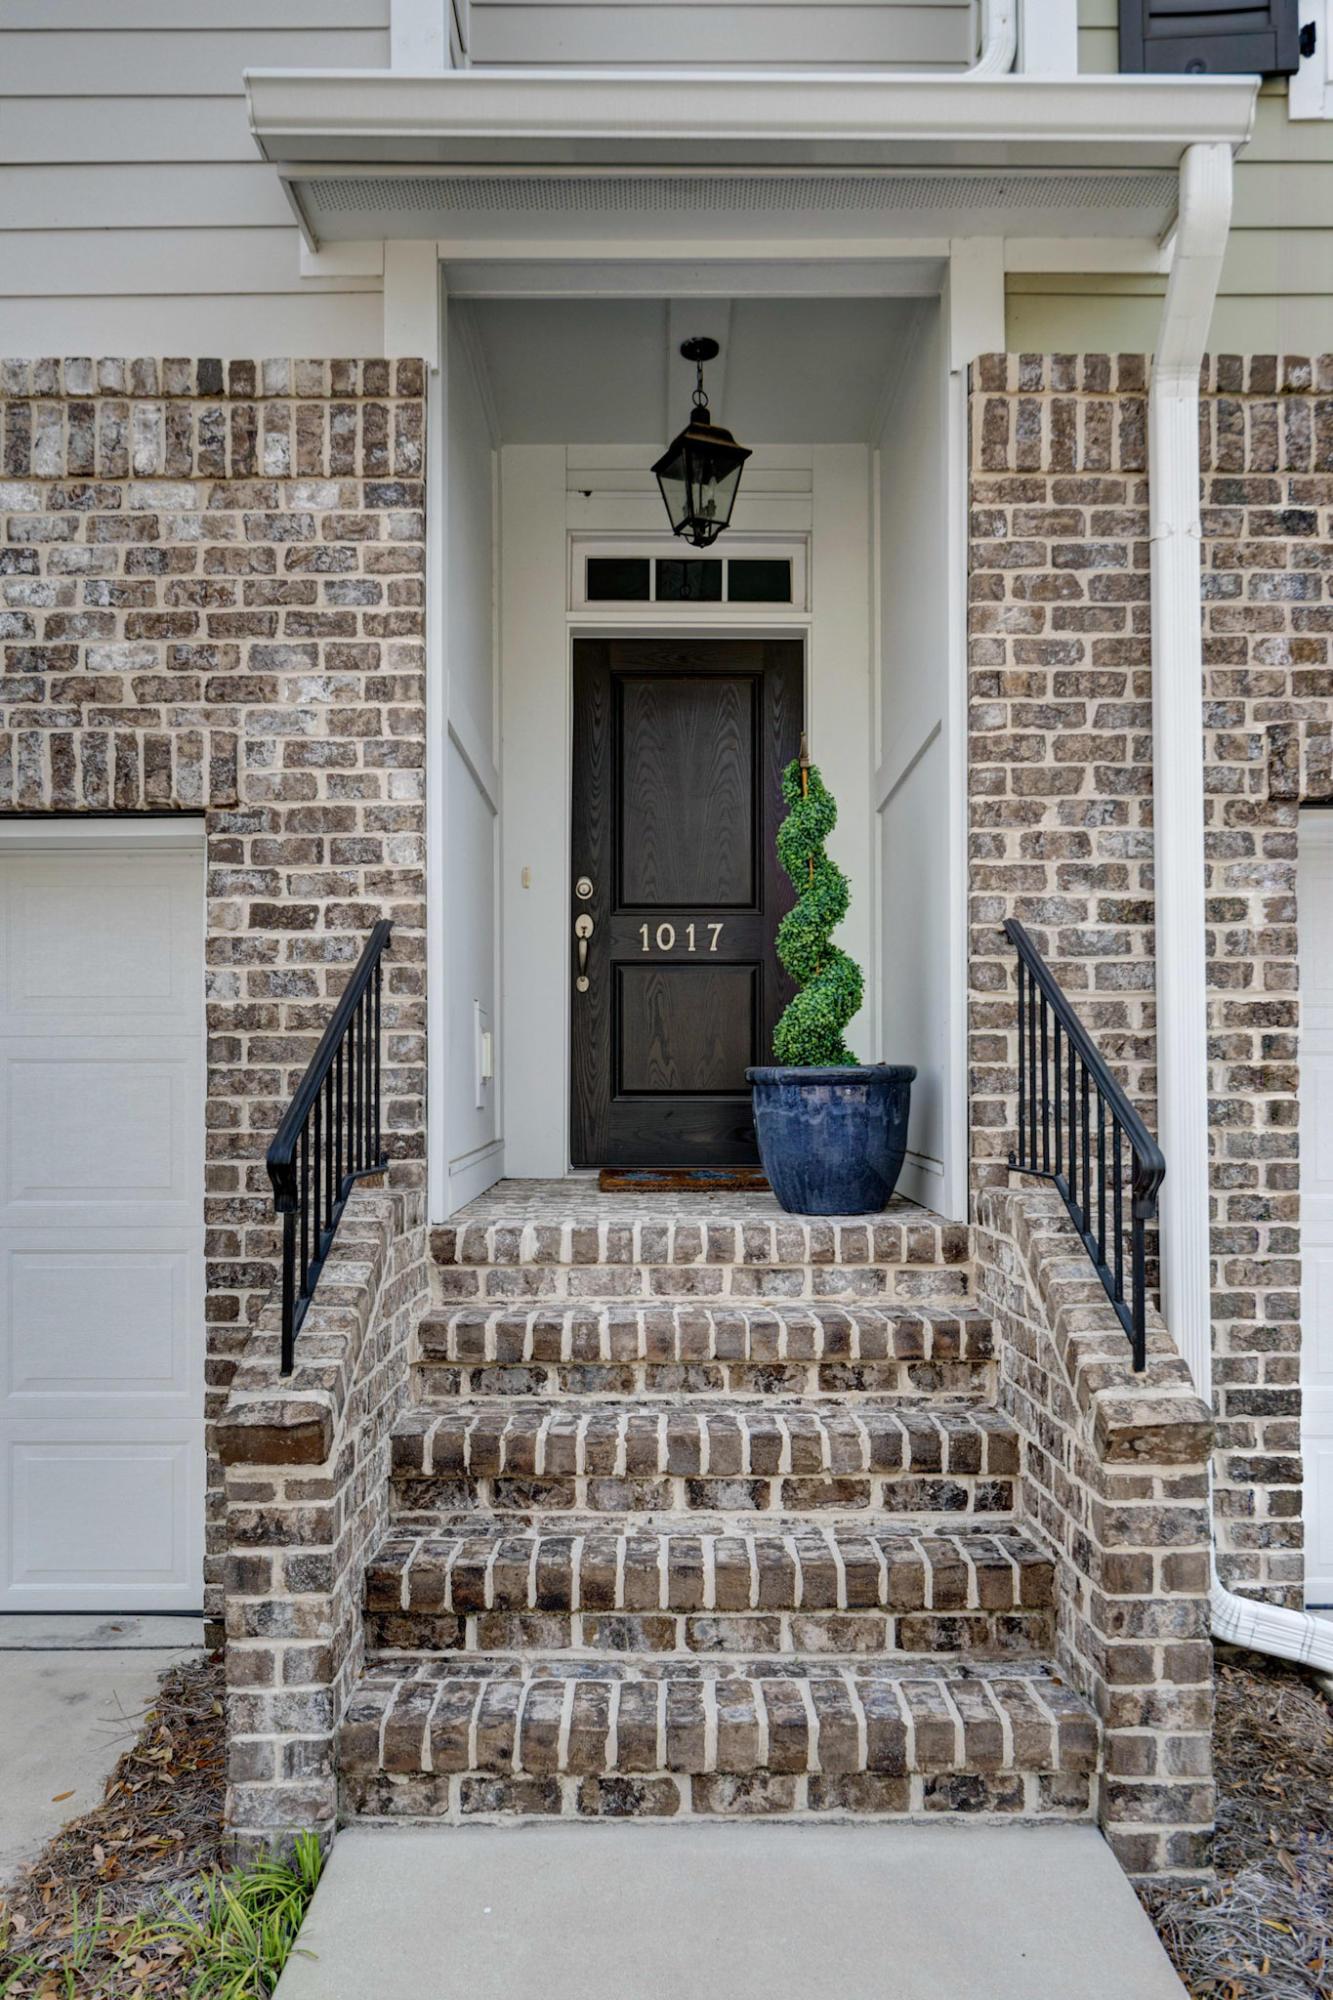 Bowman Park Homes For Sale - 1017 Bowman Woods, Mount Pleasant, SC - 8